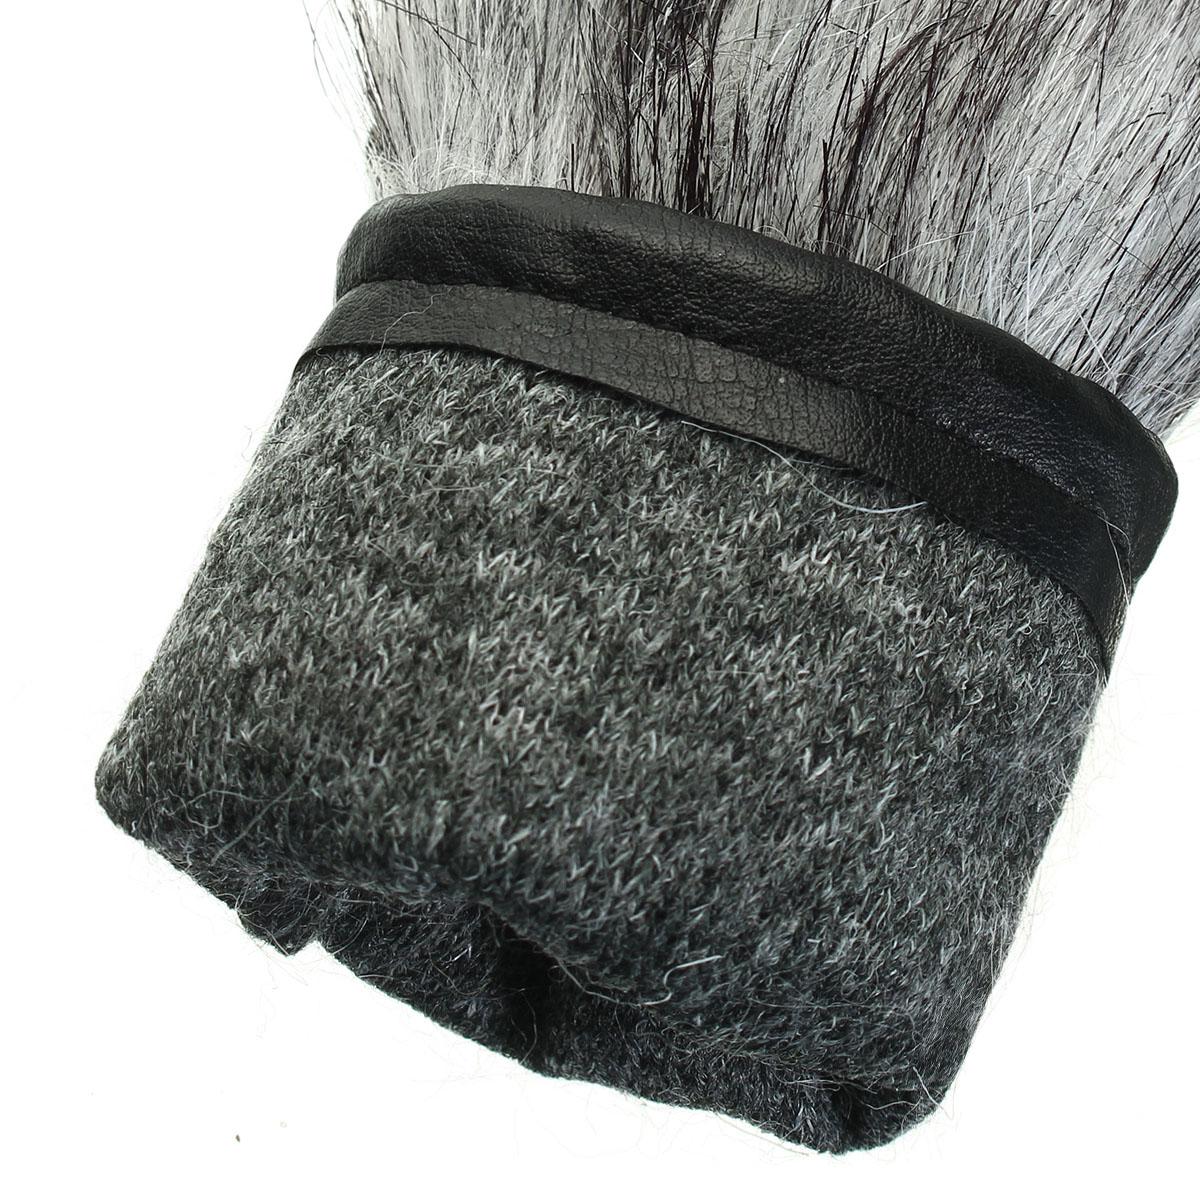 Microphone Artificial Soft Fur Windscreedn Wind Cutter Cover Case Wind Shield